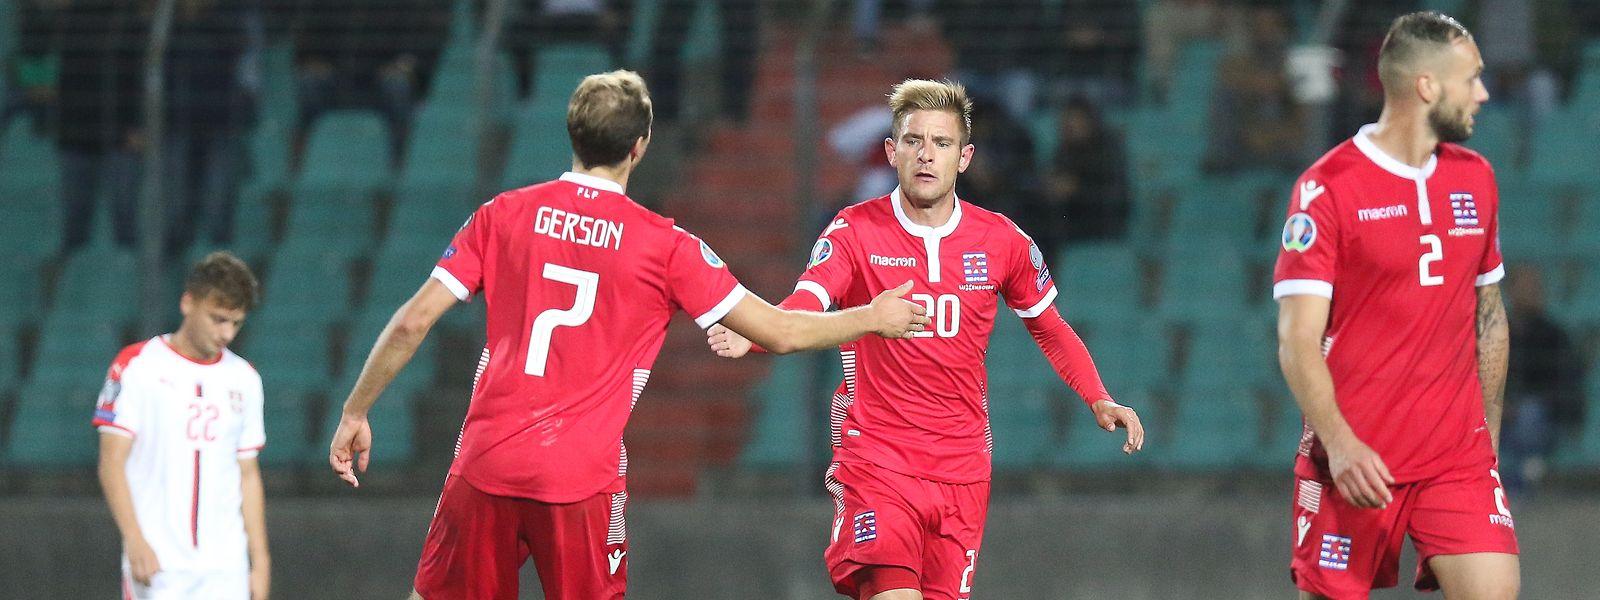 Dave Turpel réduit le score après l'heure de jeu, mais le Luxembourg n'est pas parvenu à égaliser.